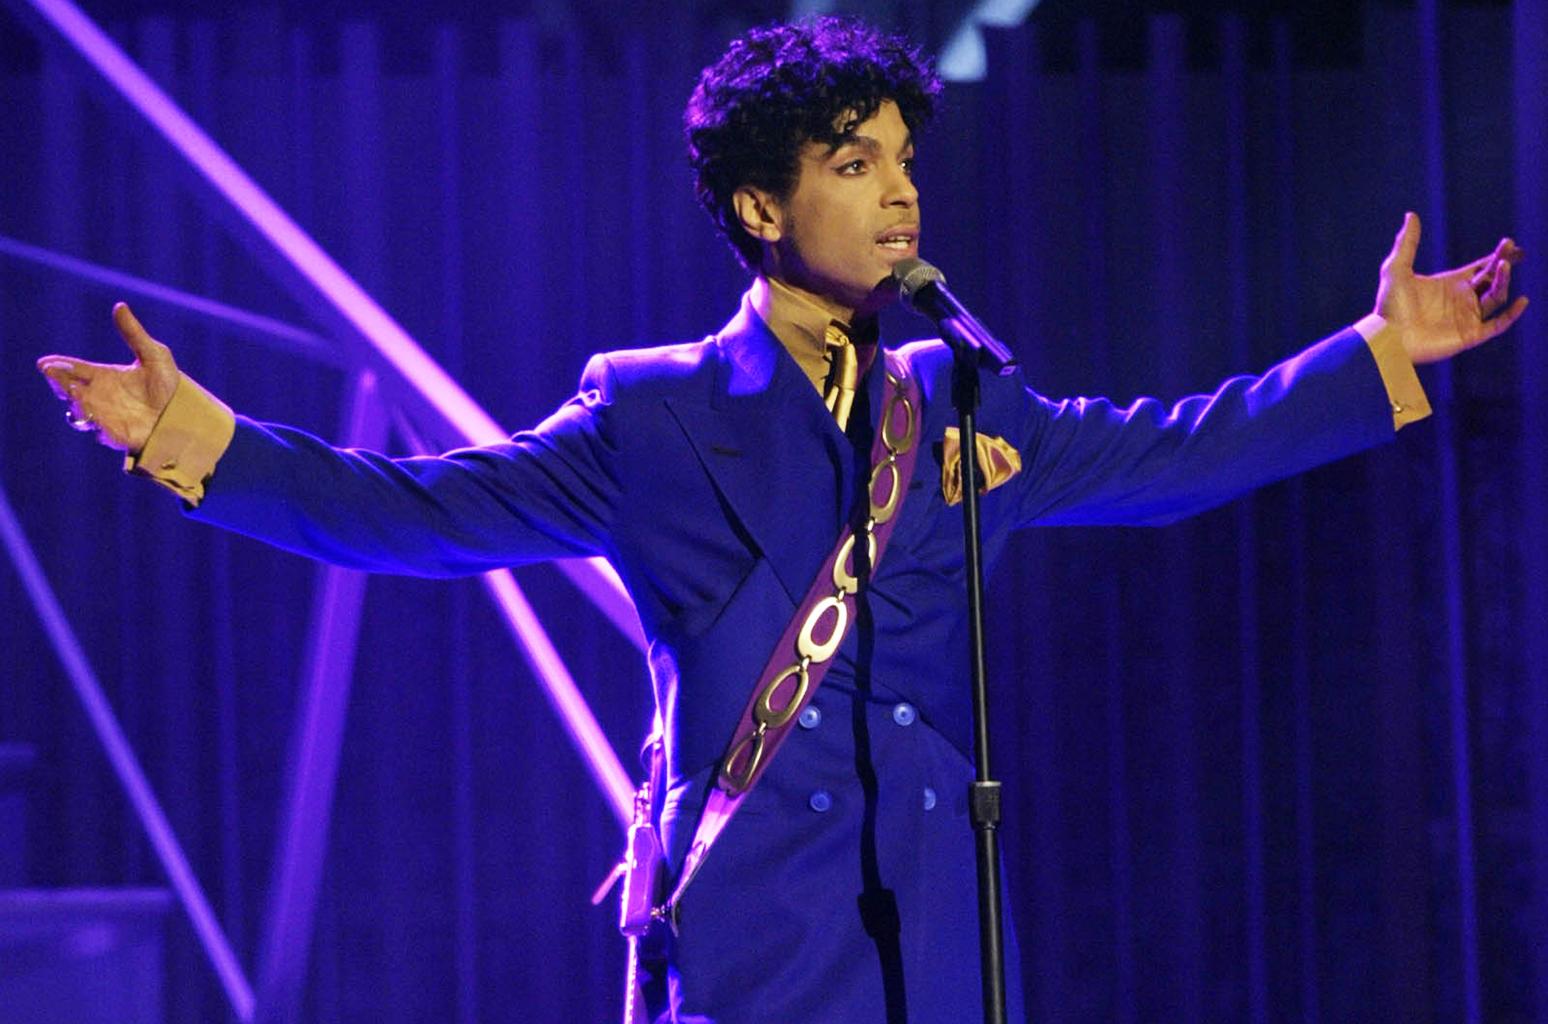 Resultado de imagem para Prince cantor netflix